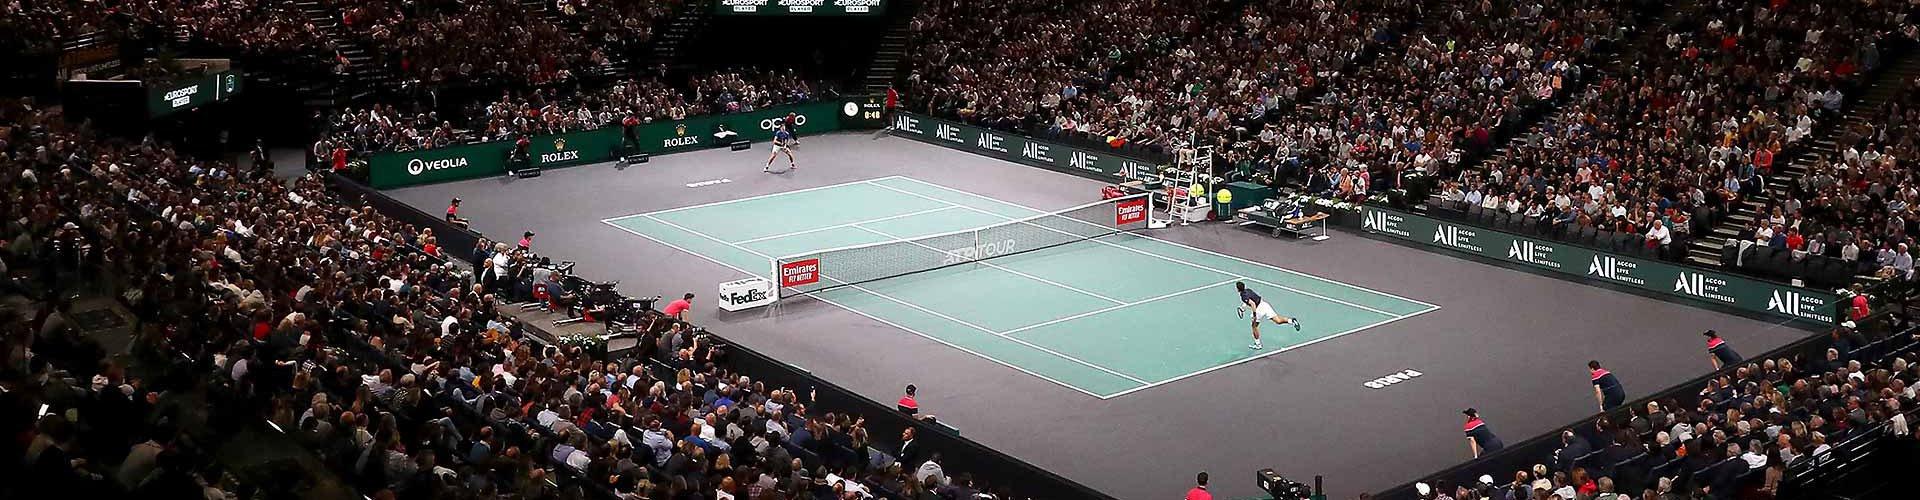 ATP 100 Masters